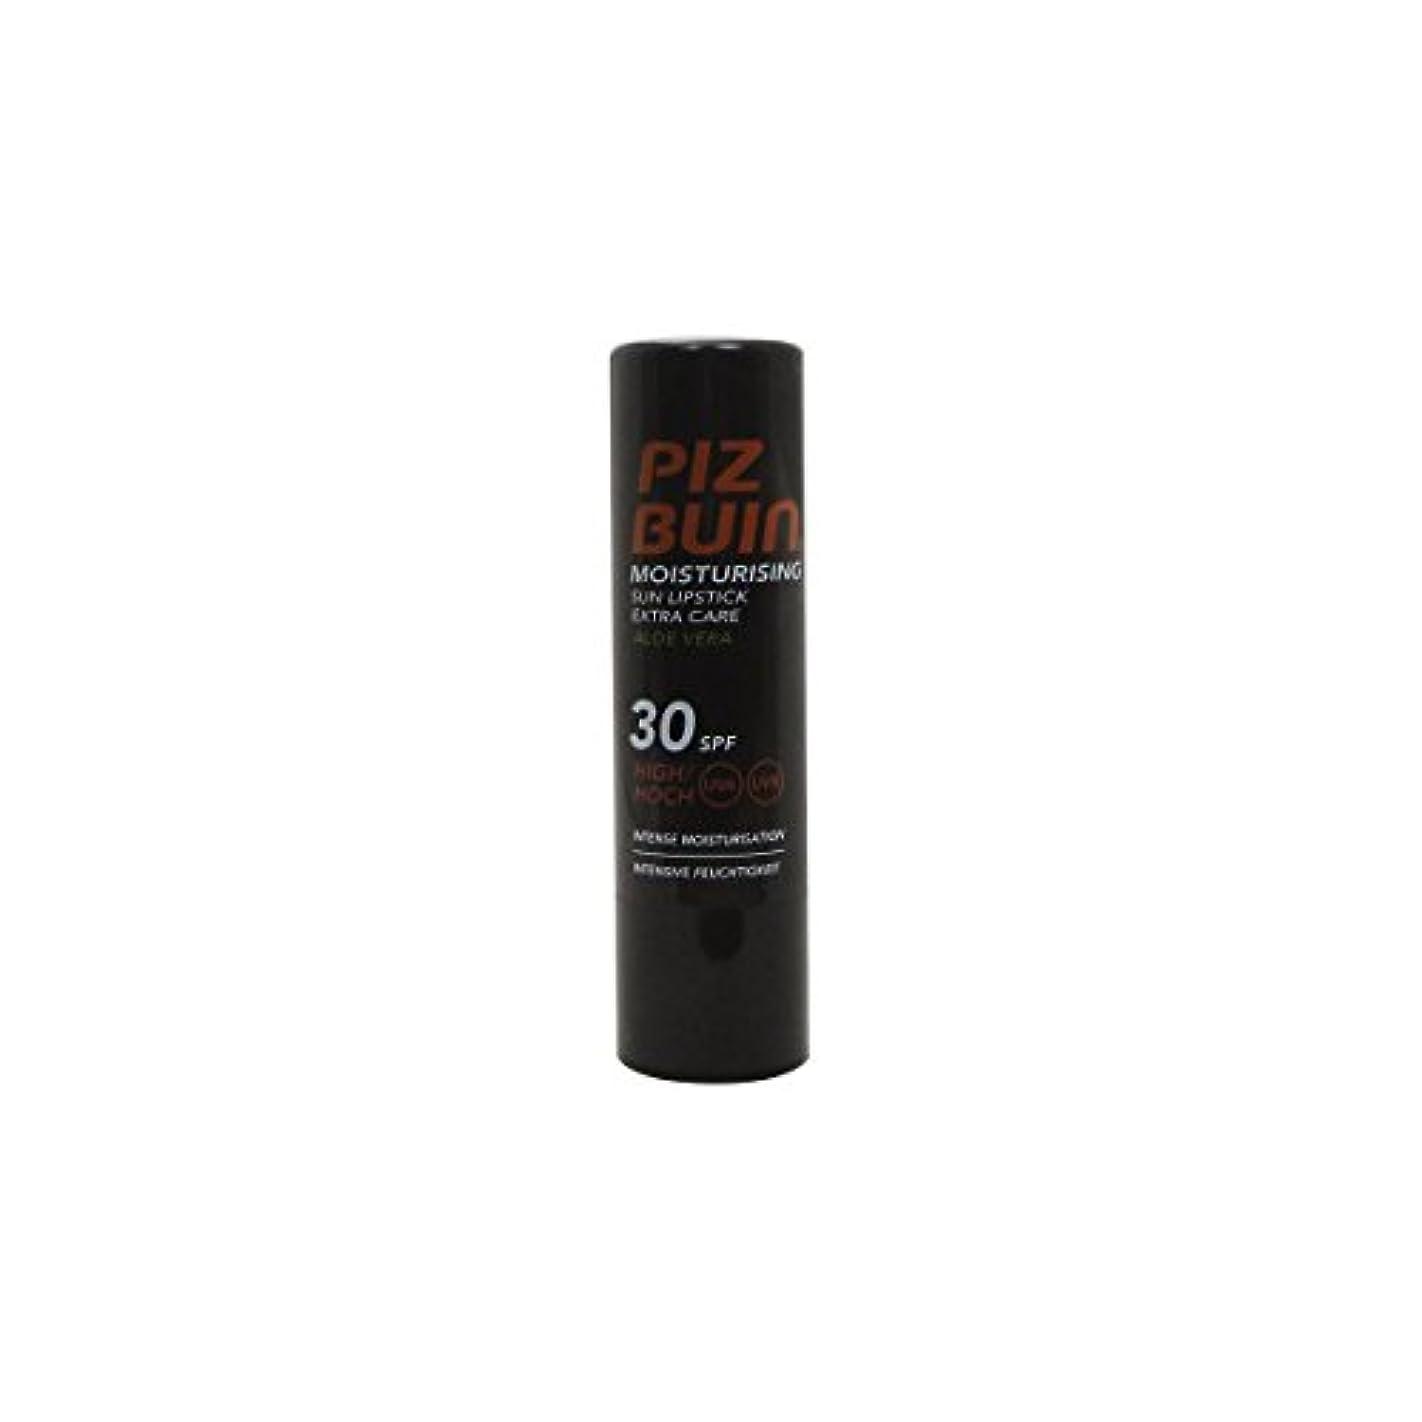 予約冷酷な硫黄Piz Buin Lipstick Spf 30 Moisturising With Aloe Vera5g [並行輸入品]